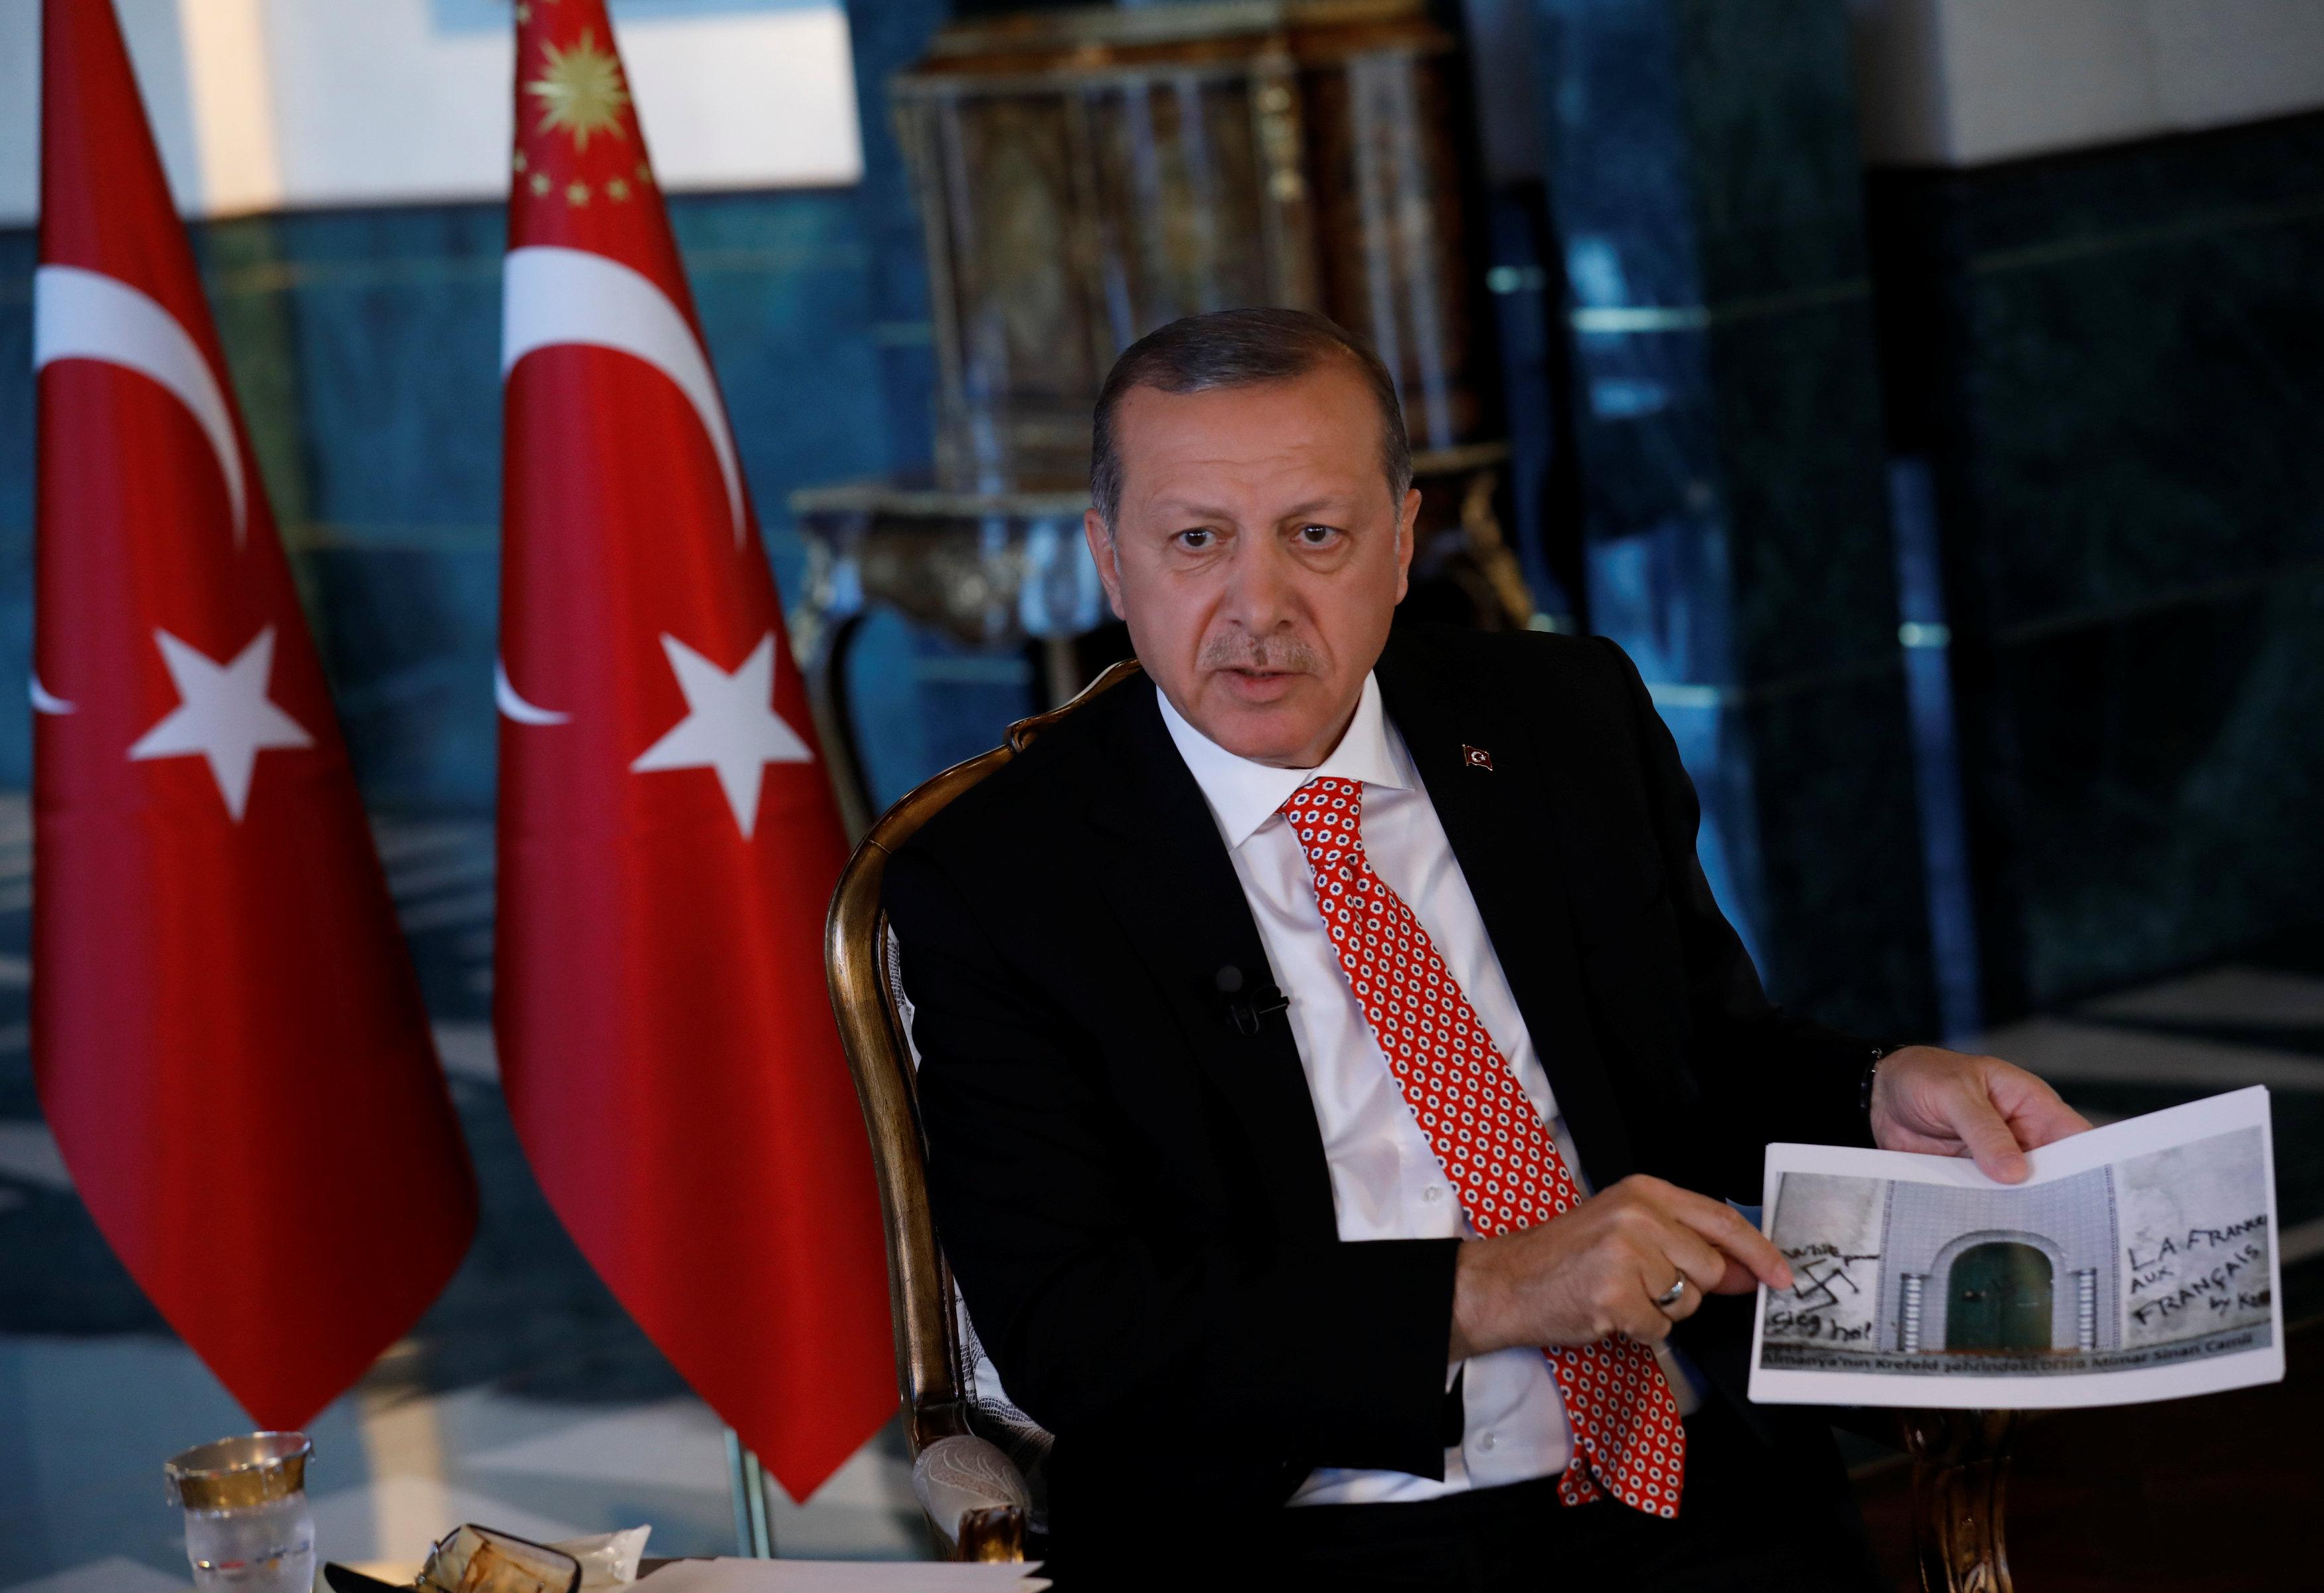 2017 04 25T183220Z 1335972058 RC1BC9140240 RTRMADP 3 TURKEY POLITICS ERDOGAN